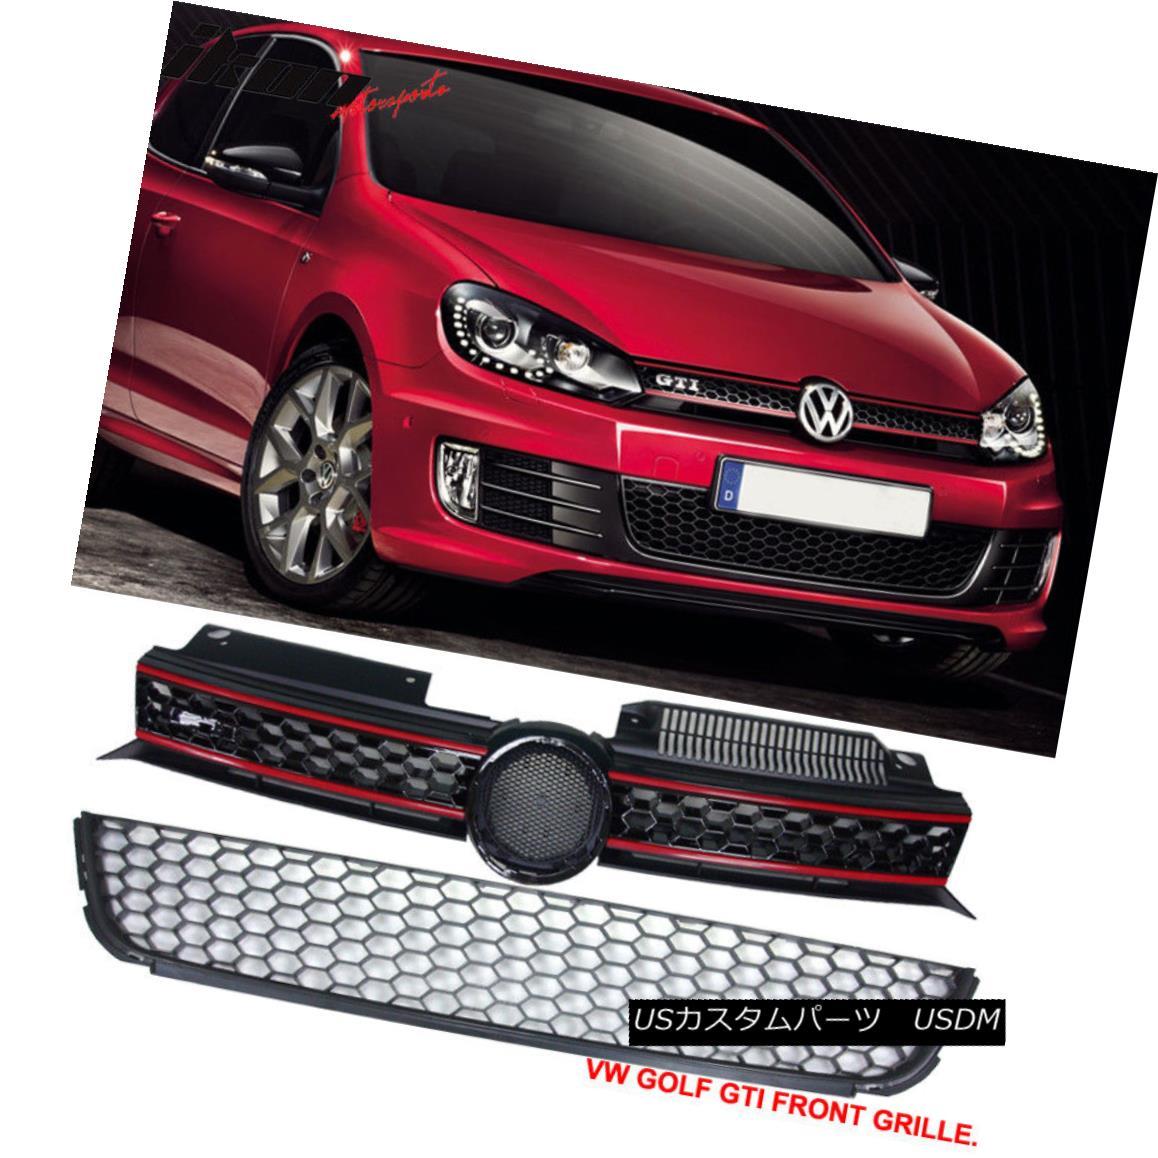 グリル Fits 10-14 Golf MK6 Mesh Honeycomb GTI Style Black Front Upper+Lower Grille ABS フィット10-14ゴルフMK6メッシュハニカムGTIスタイルブラックフロントアッパー+ロワーグリルABS